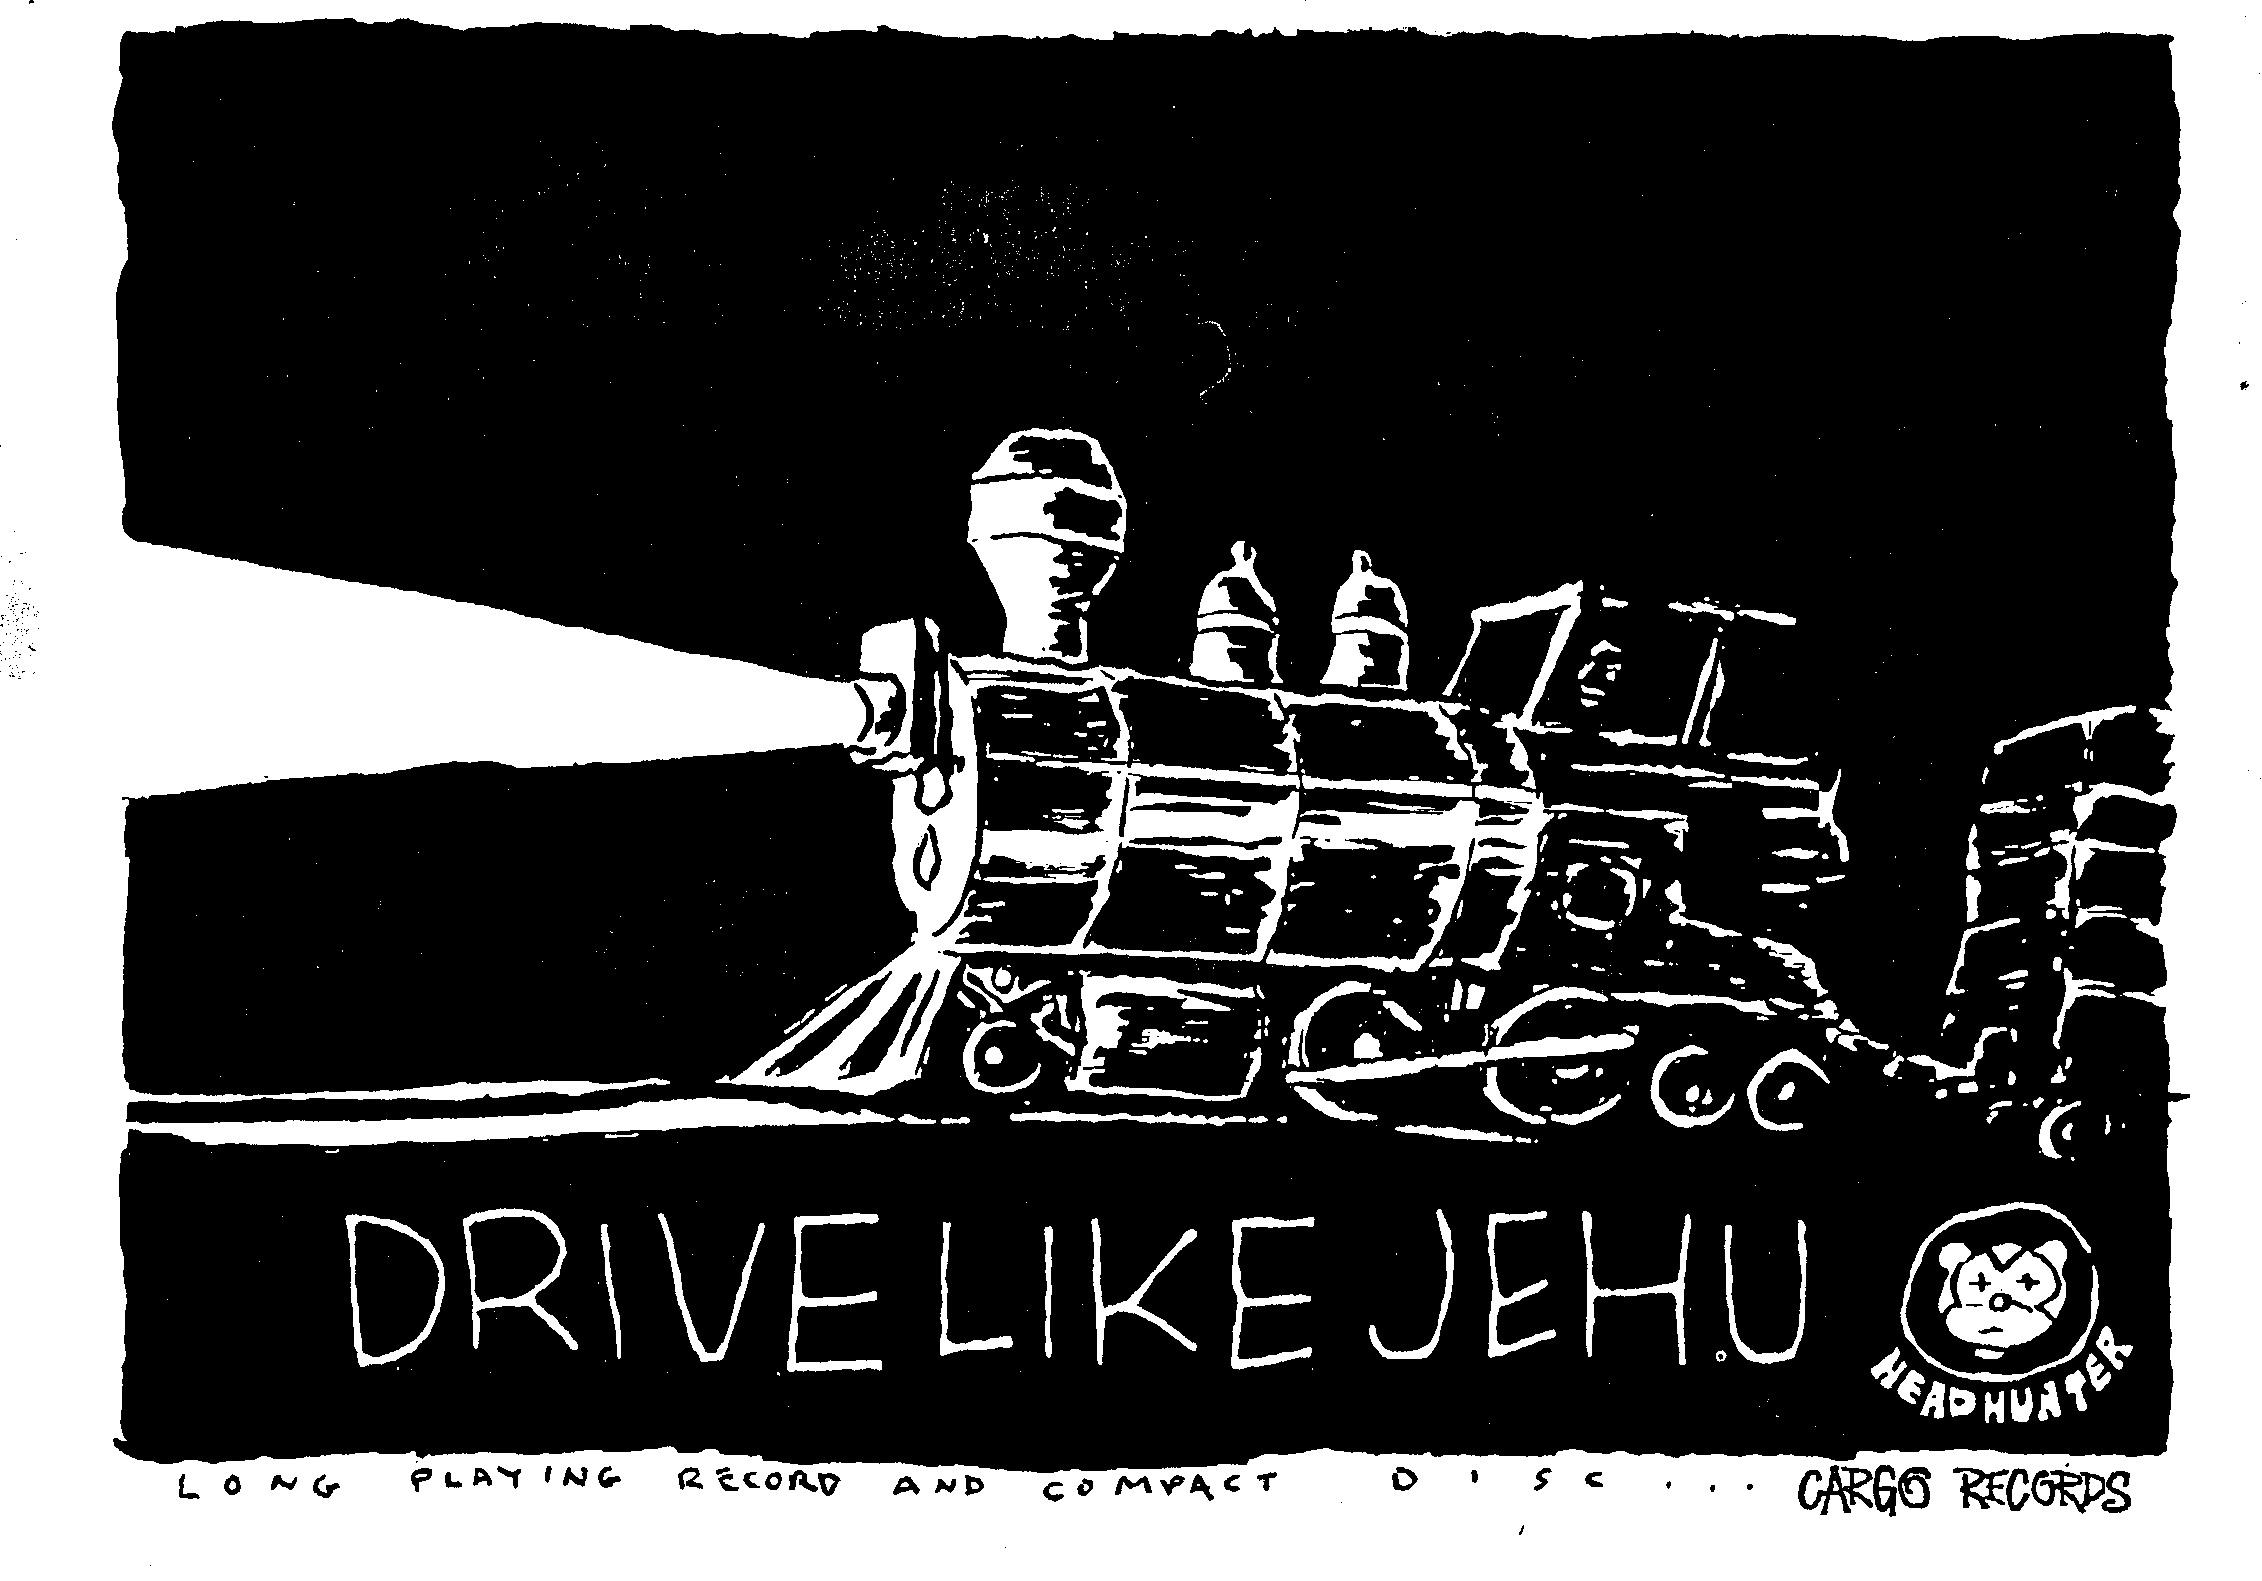 drive like jehu foto 2